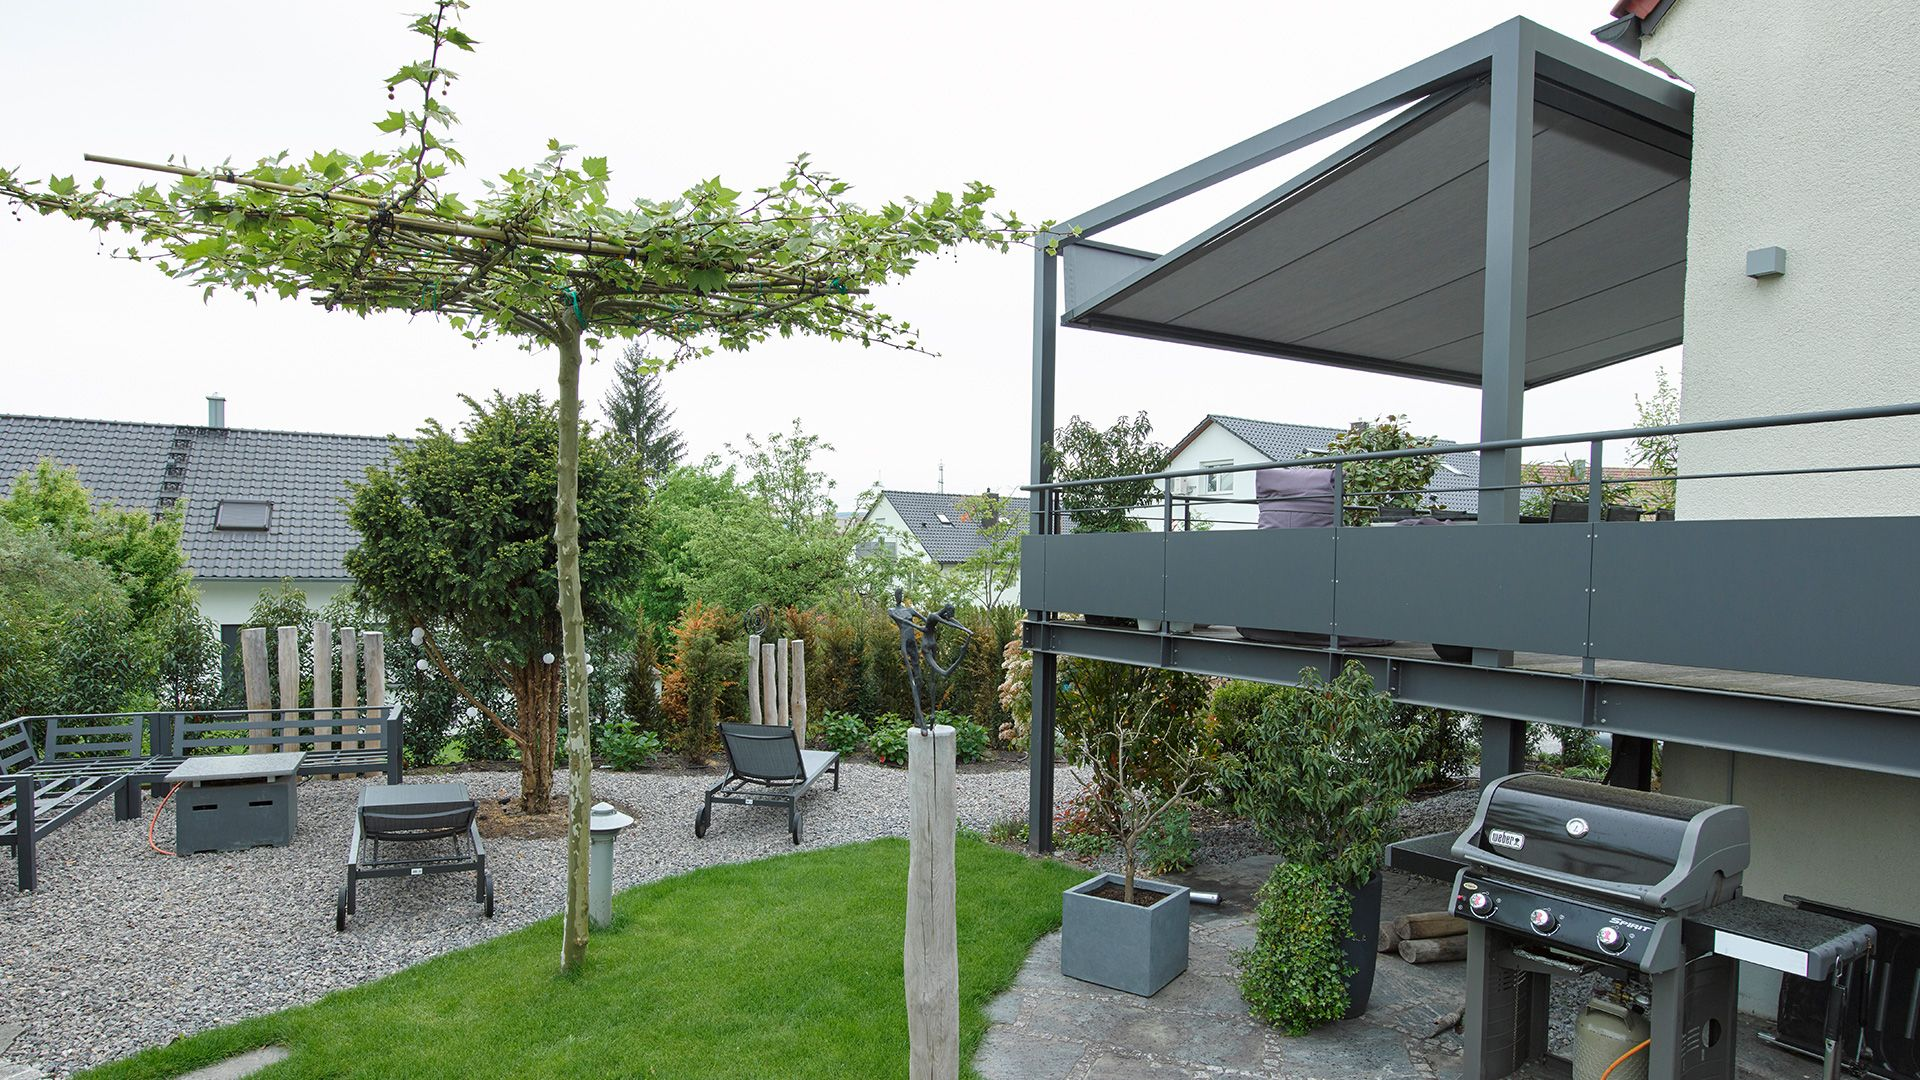 Eleganter Sonnenschutz F R Freisitz Und Garten Lounge Beschattungen, Pergolen, Sonnen Schirme